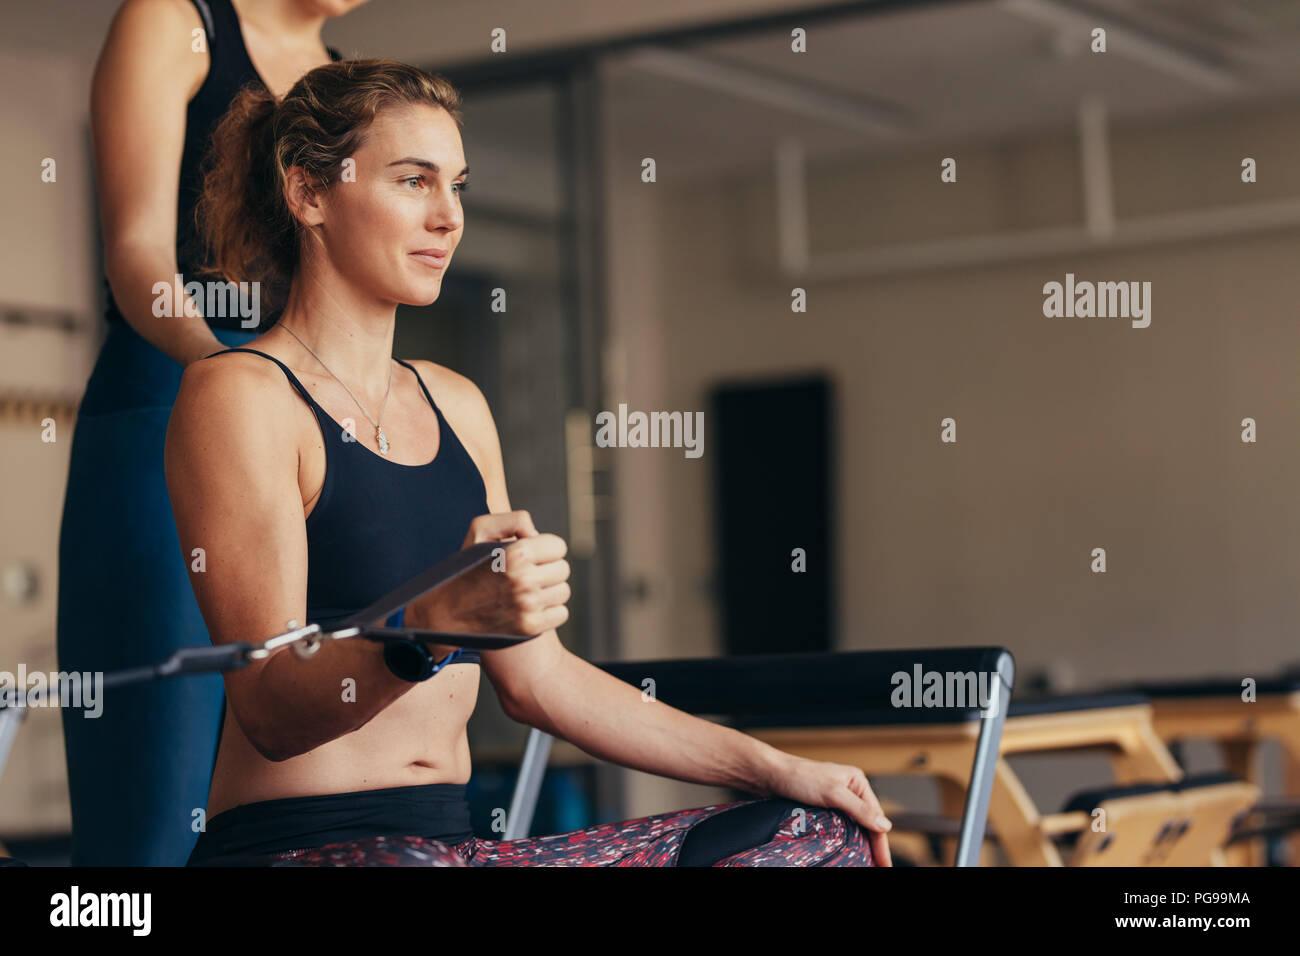 Una mujer sentada sobre una máquina de entrenamiento Pilates tirando de banda elástica con su mano. Imagen De Stock